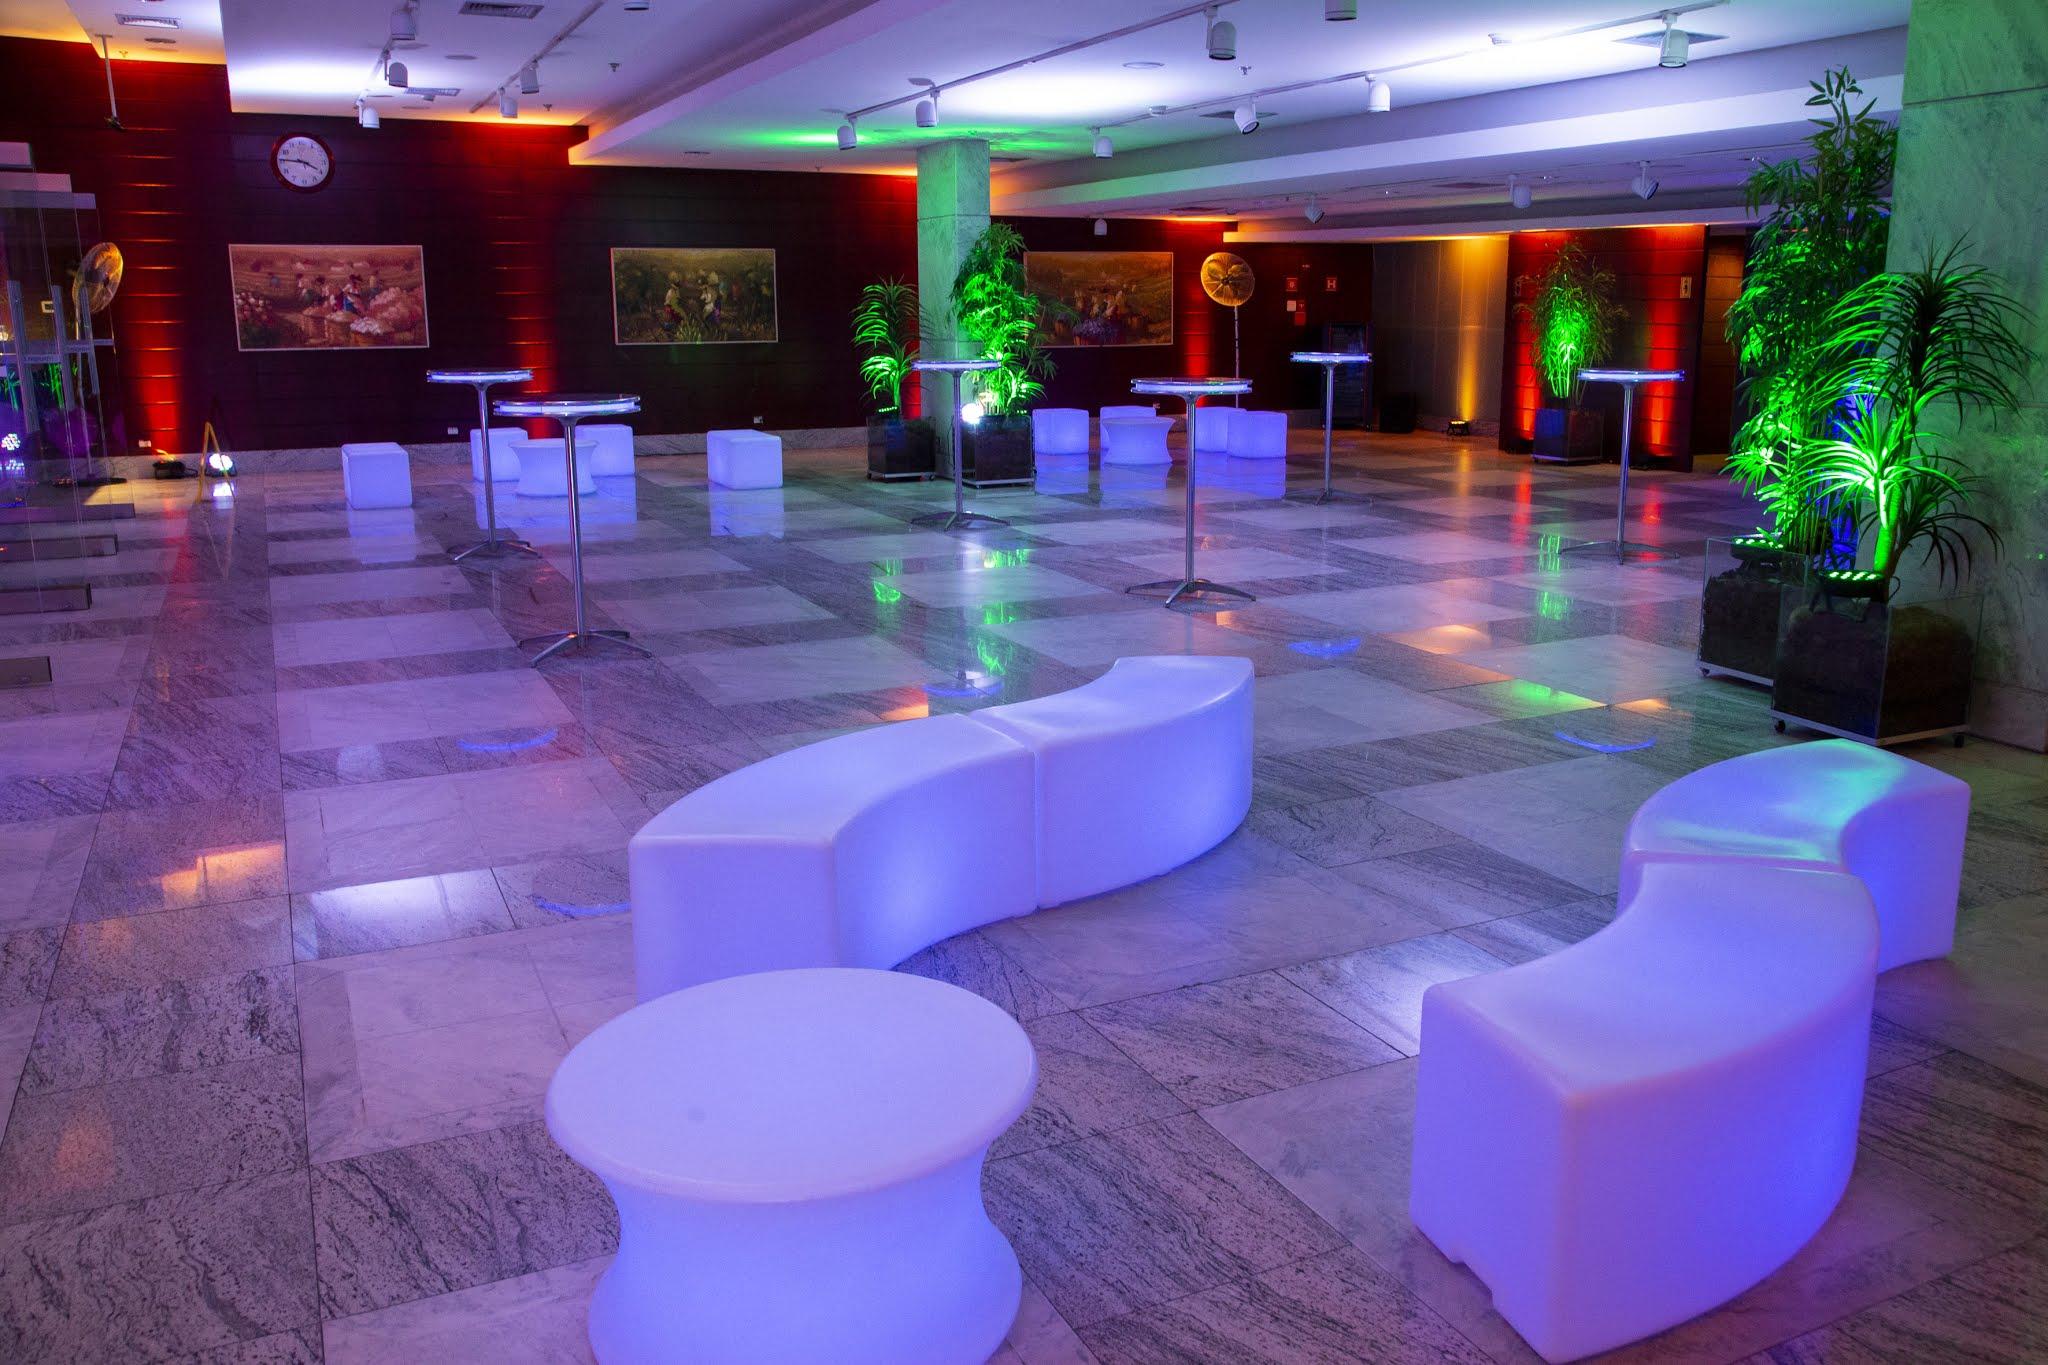 Foto do ambiente Foyer (Salão de Eventos), com um amplo espaço, iluminação estilizada etilizada em tonalidade roxa e verde onde existem os vazos